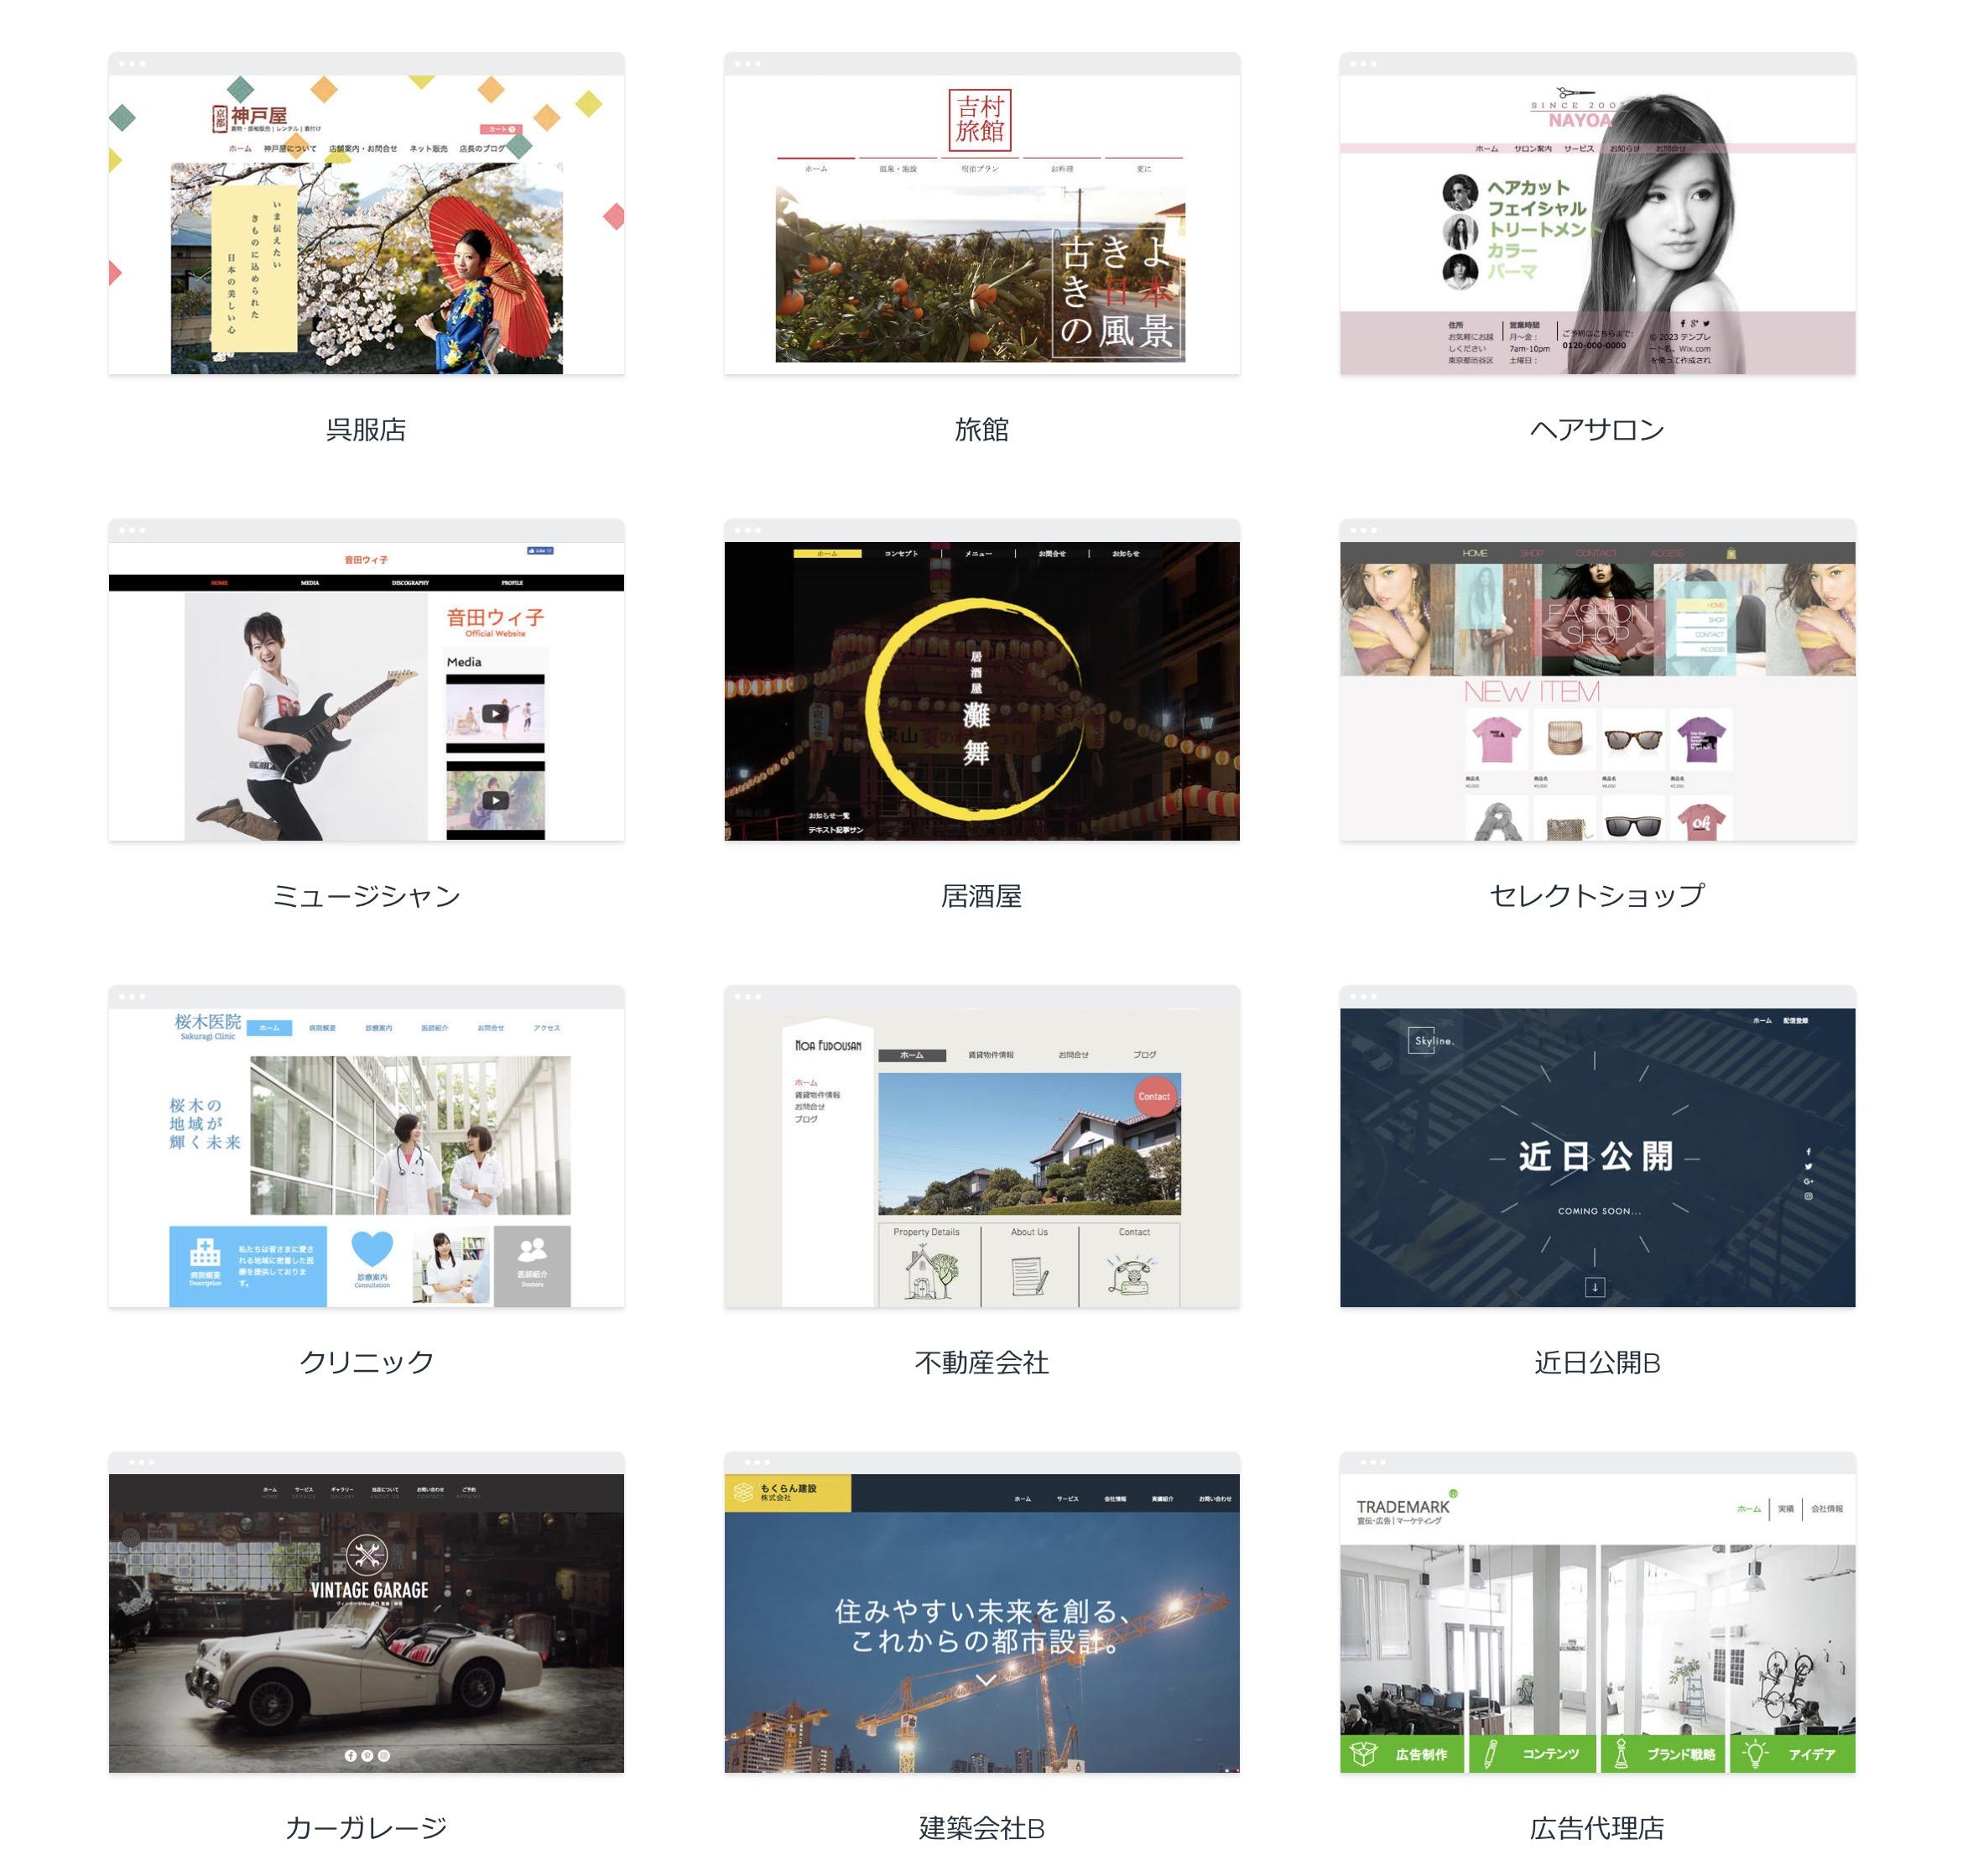 お金を作る方法㉟ WEBデザイン(サイトの作成)でお金を作る